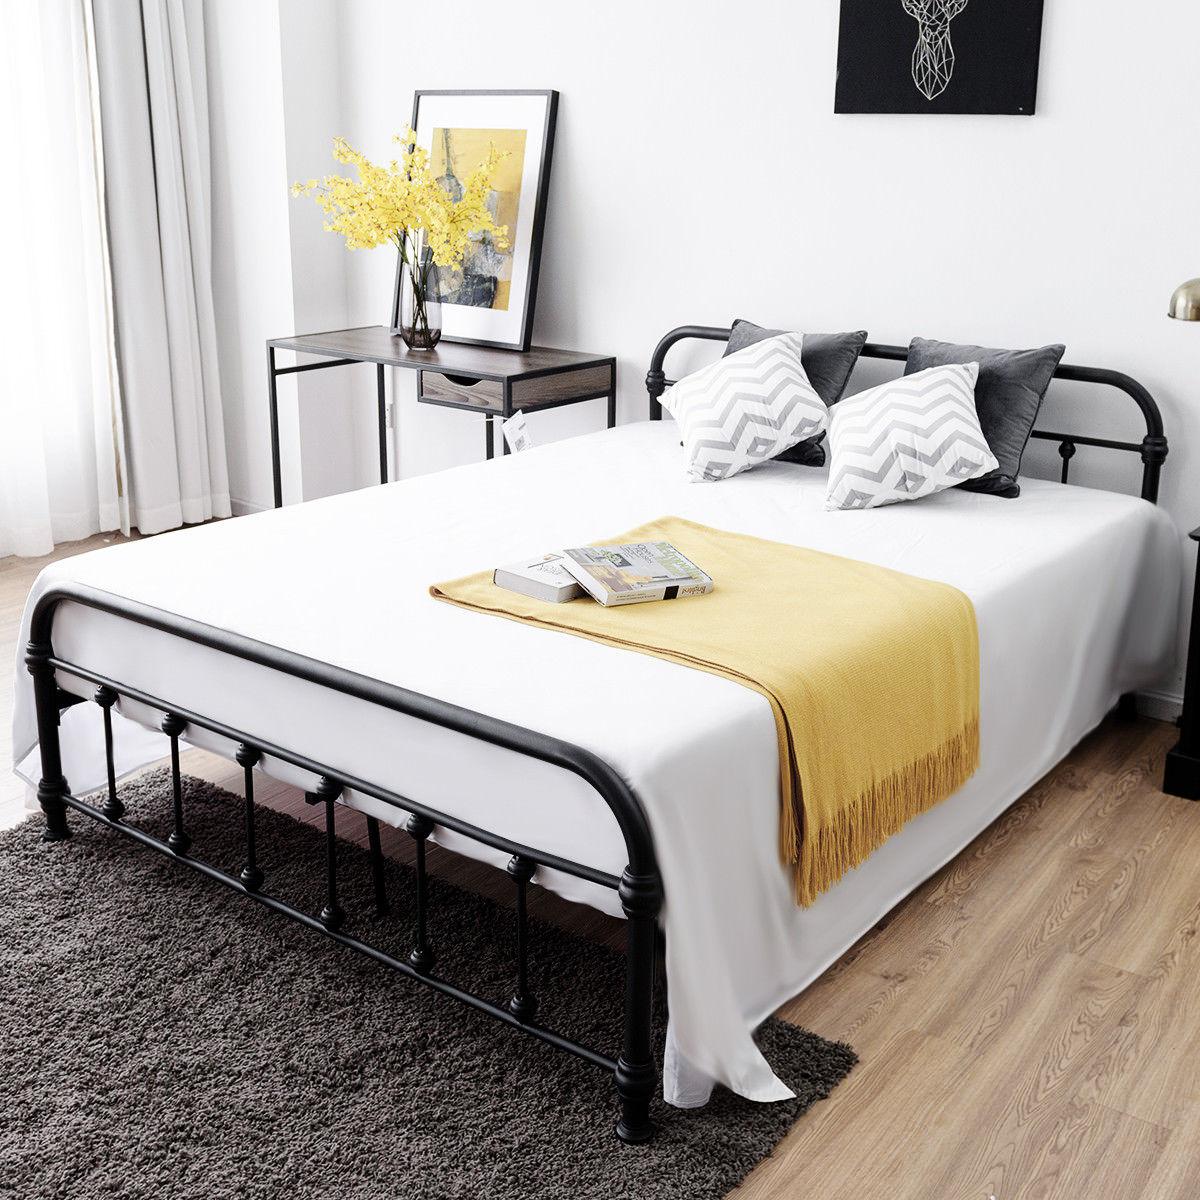 Costway Queen Size Metal Steel Bed Frame W/ Stable Metal Slats